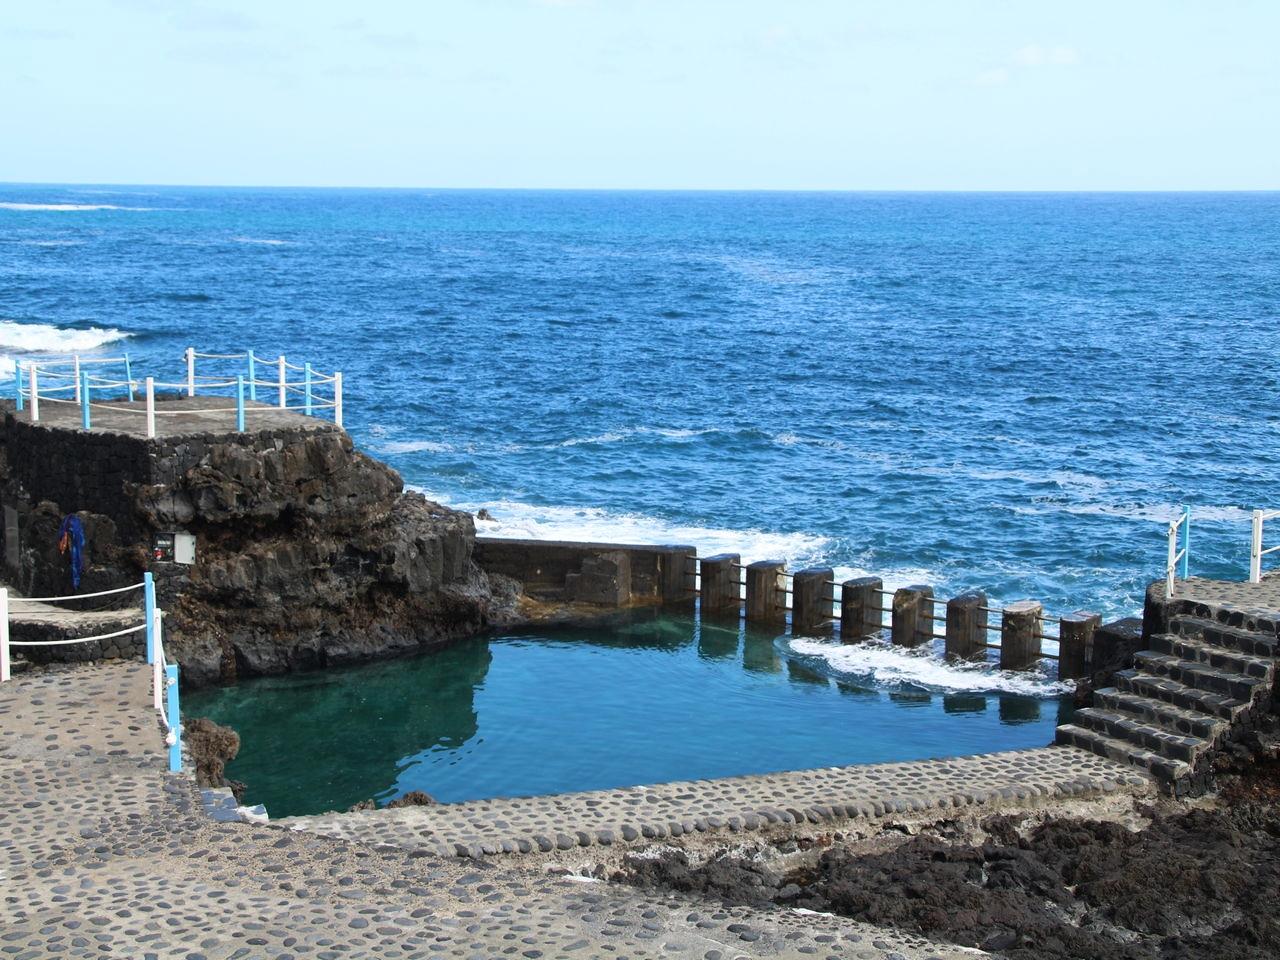 Piscina natural del Charco Azul en La Palma.